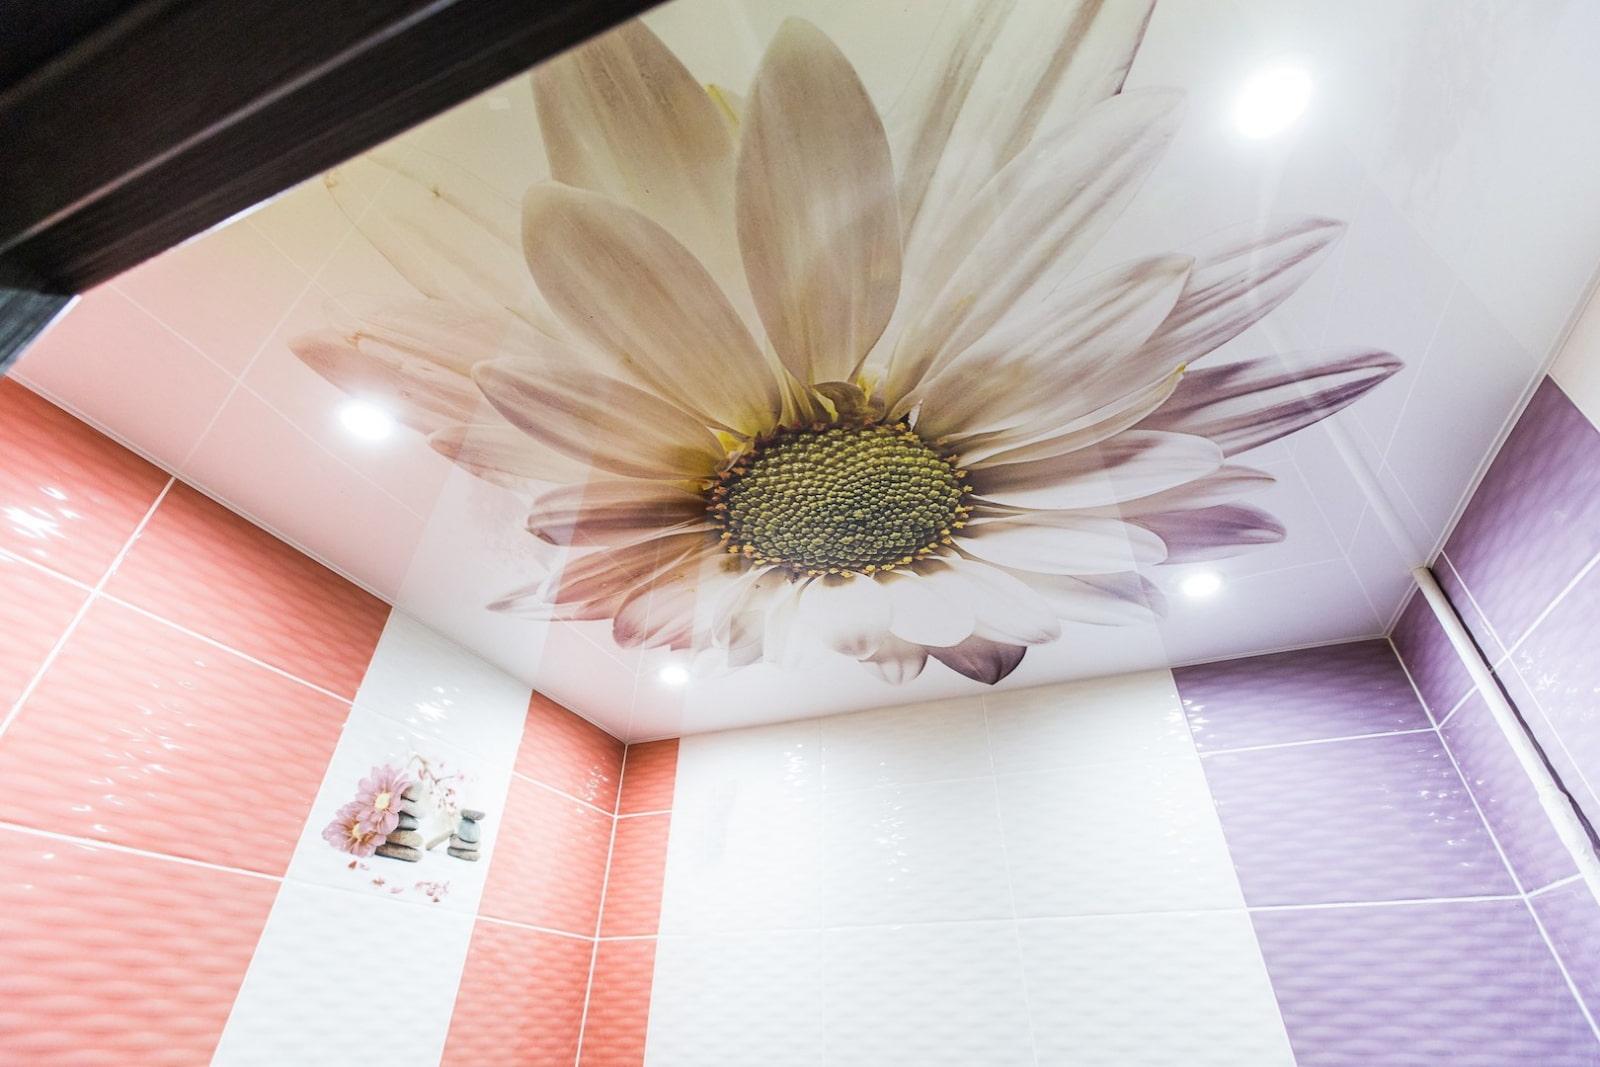 как подобрать фотопечать на натяжной потолок работники гостиницы приветливые